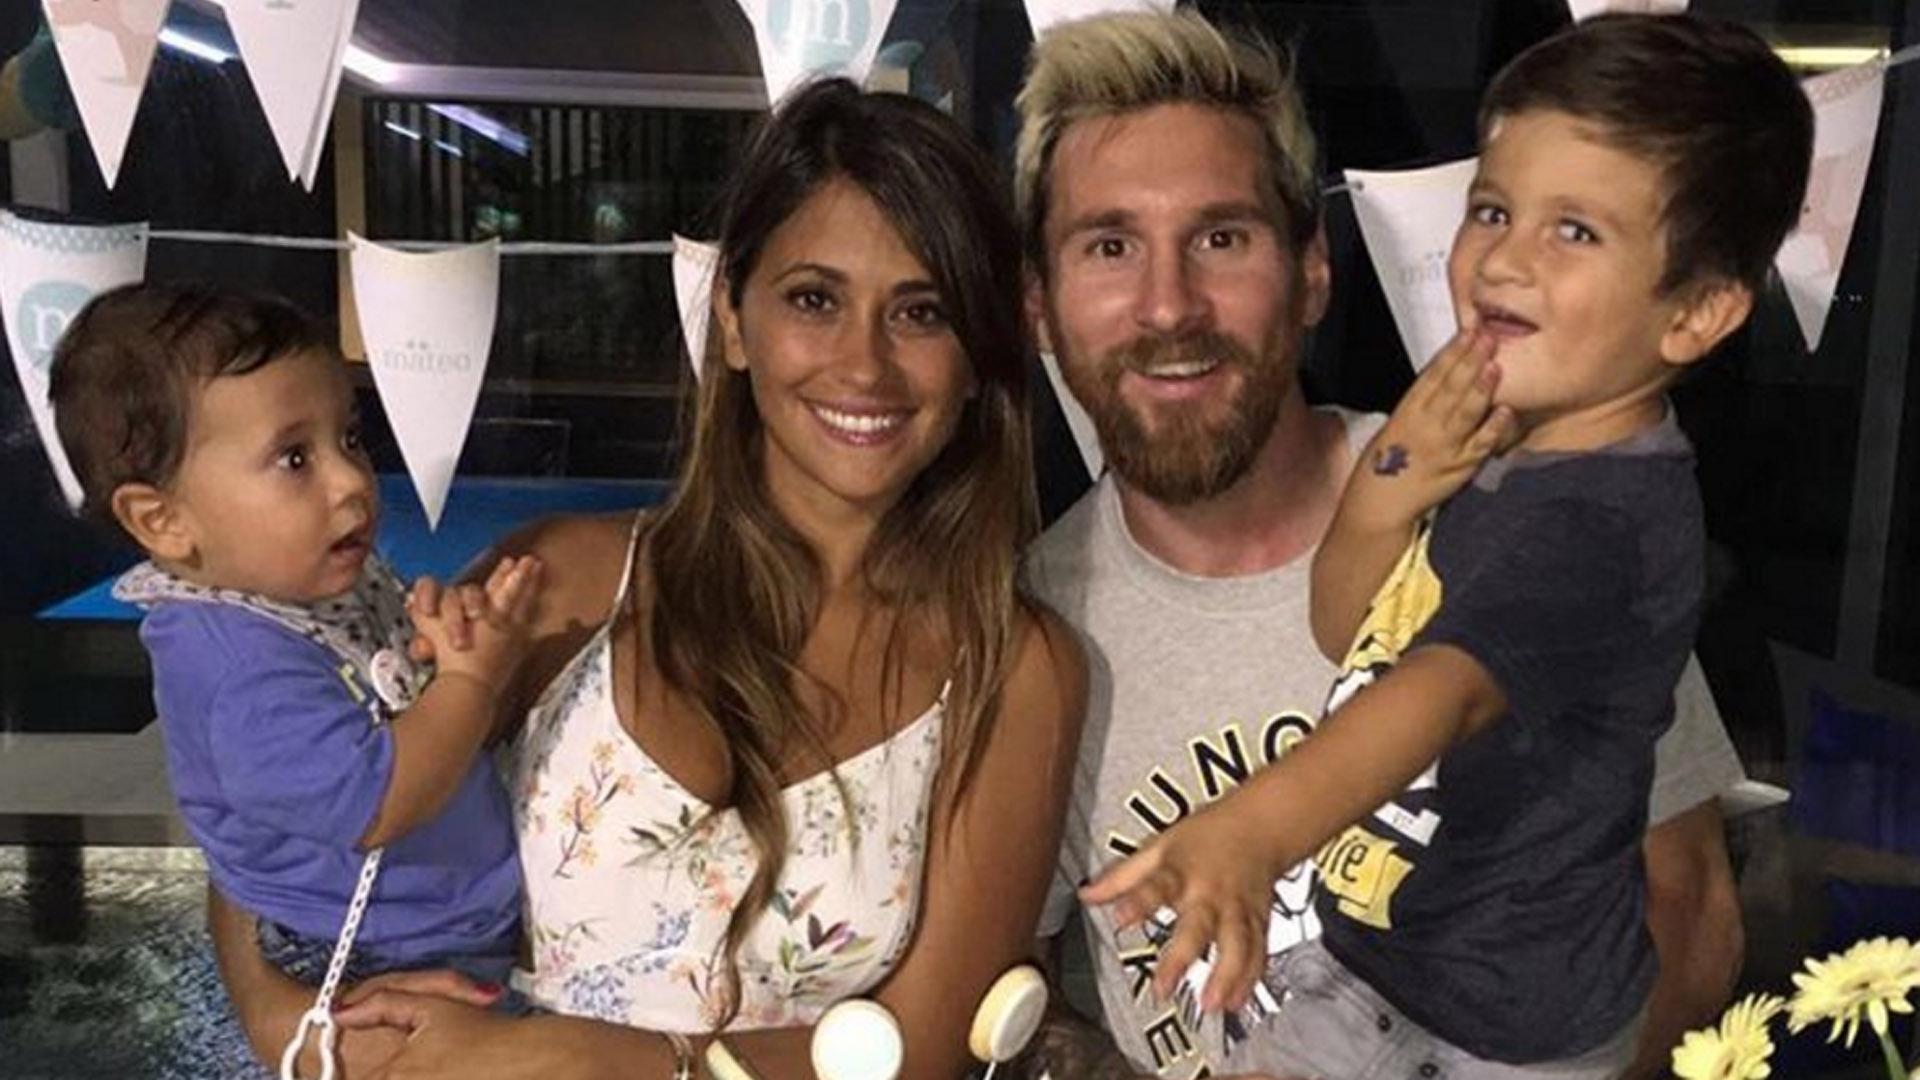 """Festejando el primer año del más pequeño de la familia Messi.Anto compartió en su Instagram un tierno mensaje, """"Feliz cumple amor nuestro!! 🎈🎈Gracias por alegrarnos los días con tus sonrisas❤️ Te amamoooos mucho matu!"""" (Septiembre 2016)"""